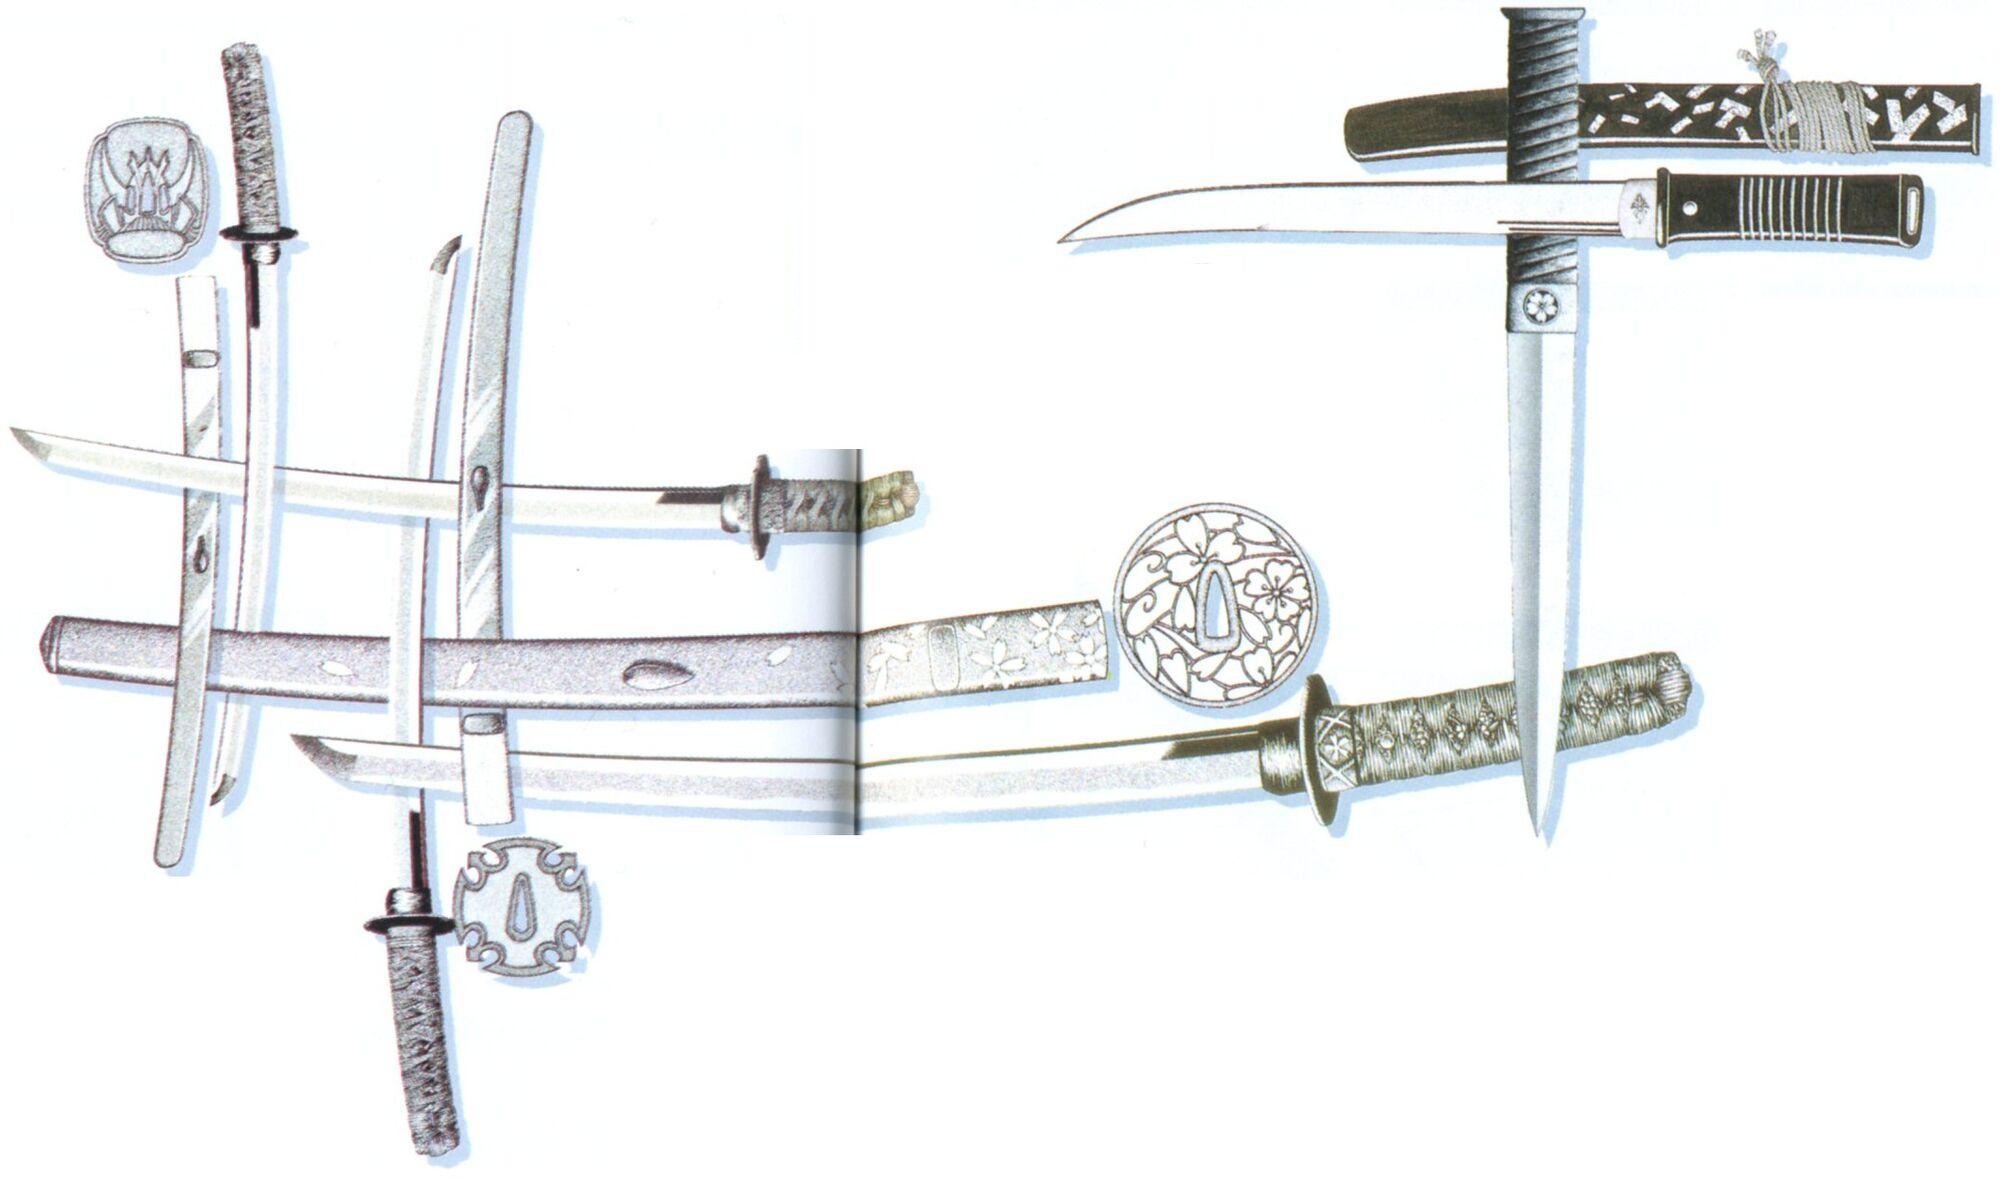 Twin Ninja Swords with Tactical Scabbards | BUDK.com ...  |Types Of Ninja Swords